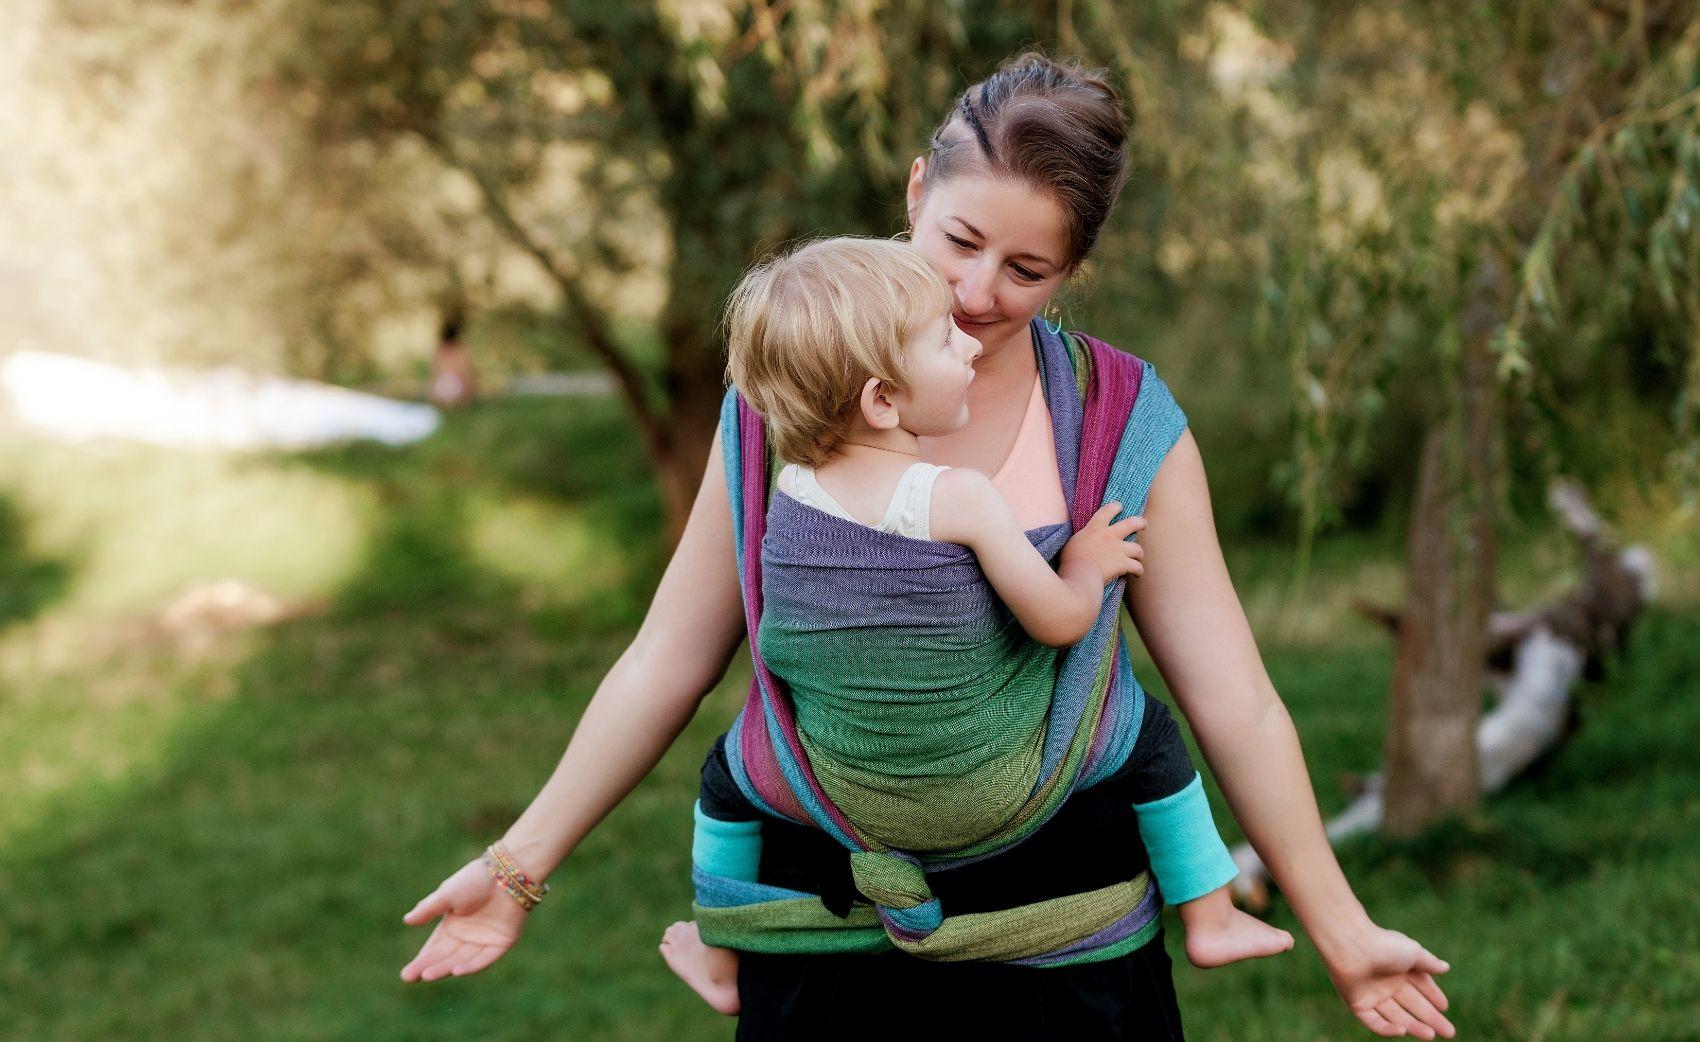 Permanence de portage. Venez faire contrôler votre installation en portage. Conseils et accompagenemnts d'une monitrice professionnelle de portage. Pour porter votre bébé en sécurité.